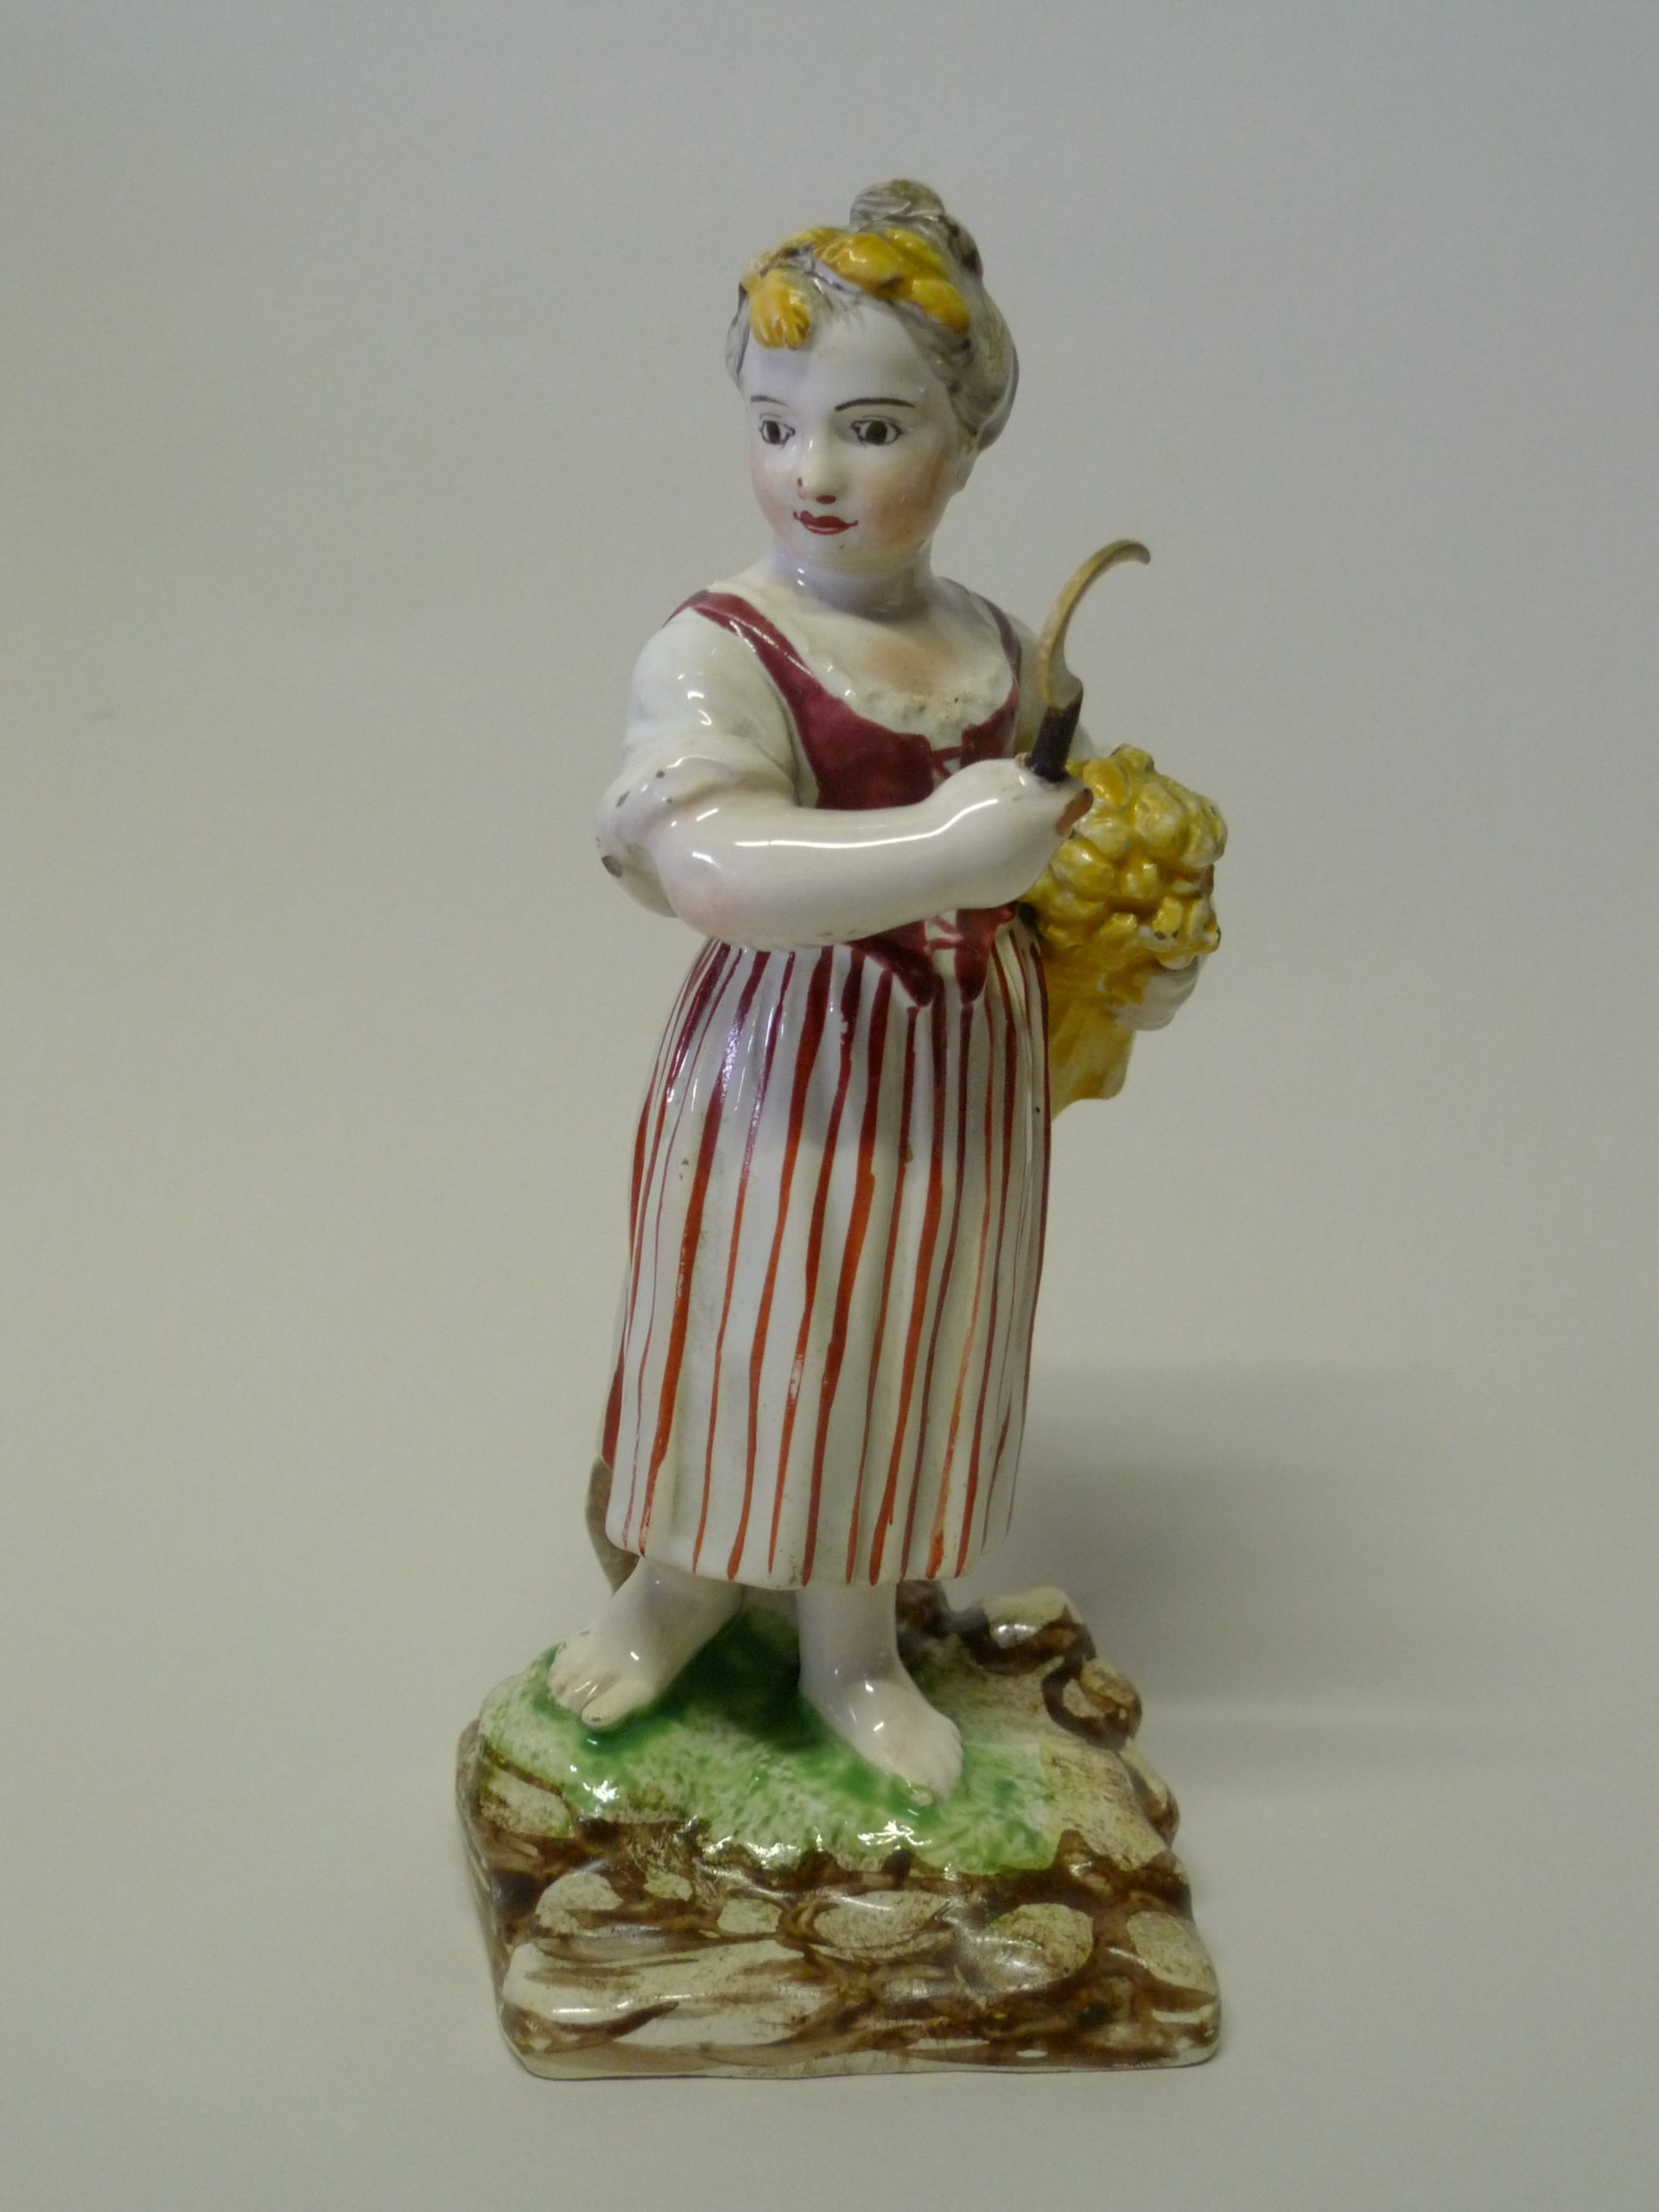 """St Clément, statuette, fin 18ème siècle, faience<br><p style=""""color:red;"""">Accès réservé membres</p>"""